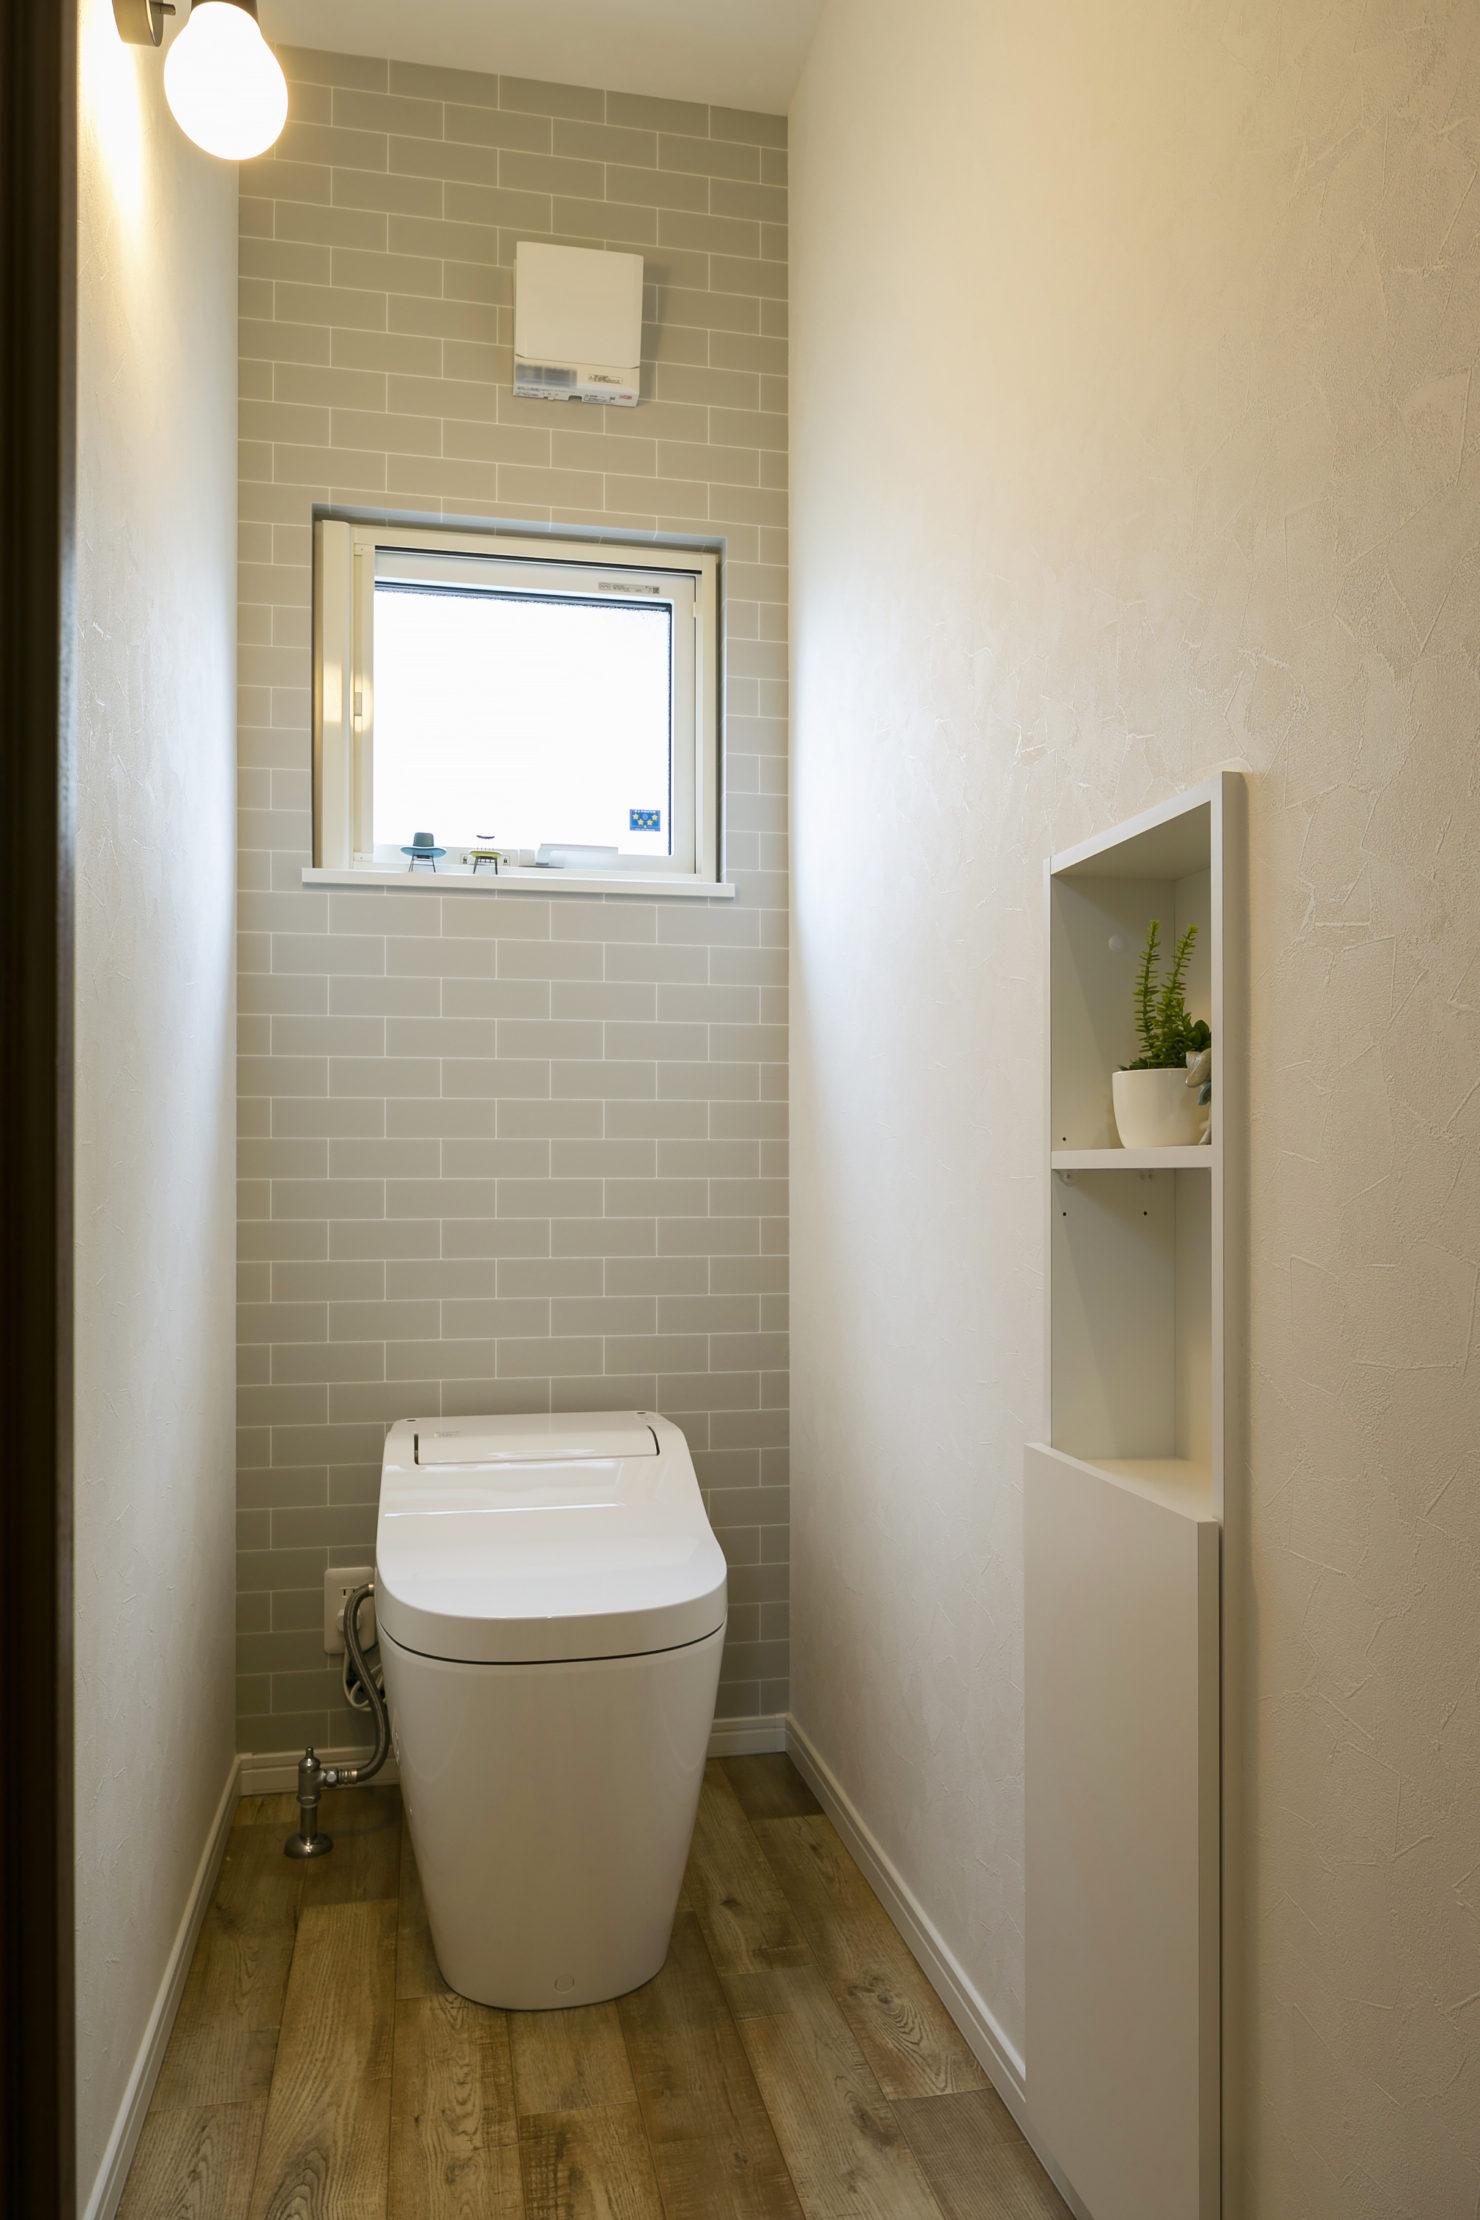 ハウスM21「実用的なオールラウンド動線とスキップフロアなどの面白い・楽しい空間」トイレ写真